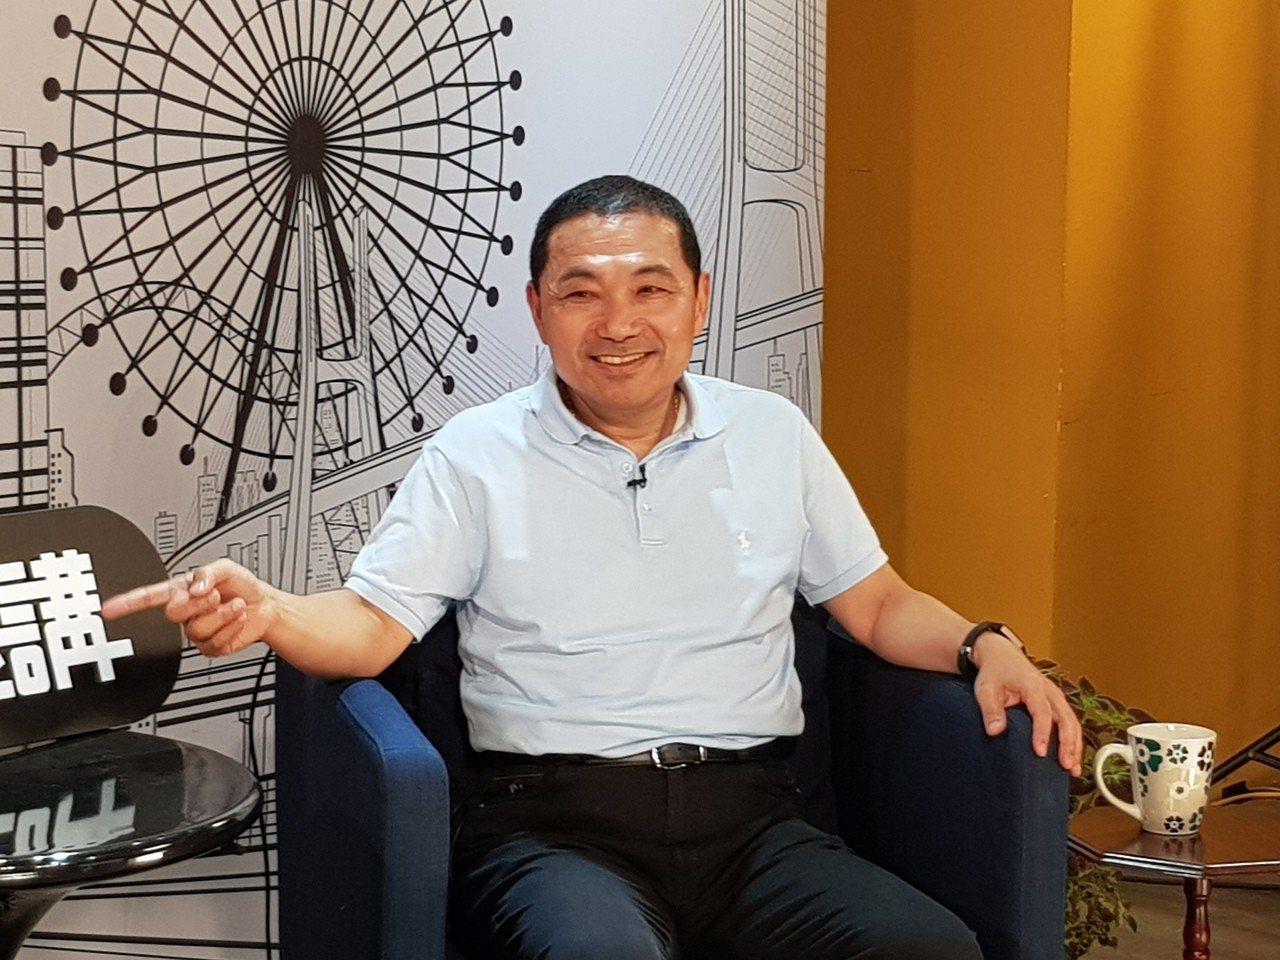 國民黨新北市長參選人侯友宜今天到台北大直接受「未來市長講」專訪。記者翁浩然/攝影